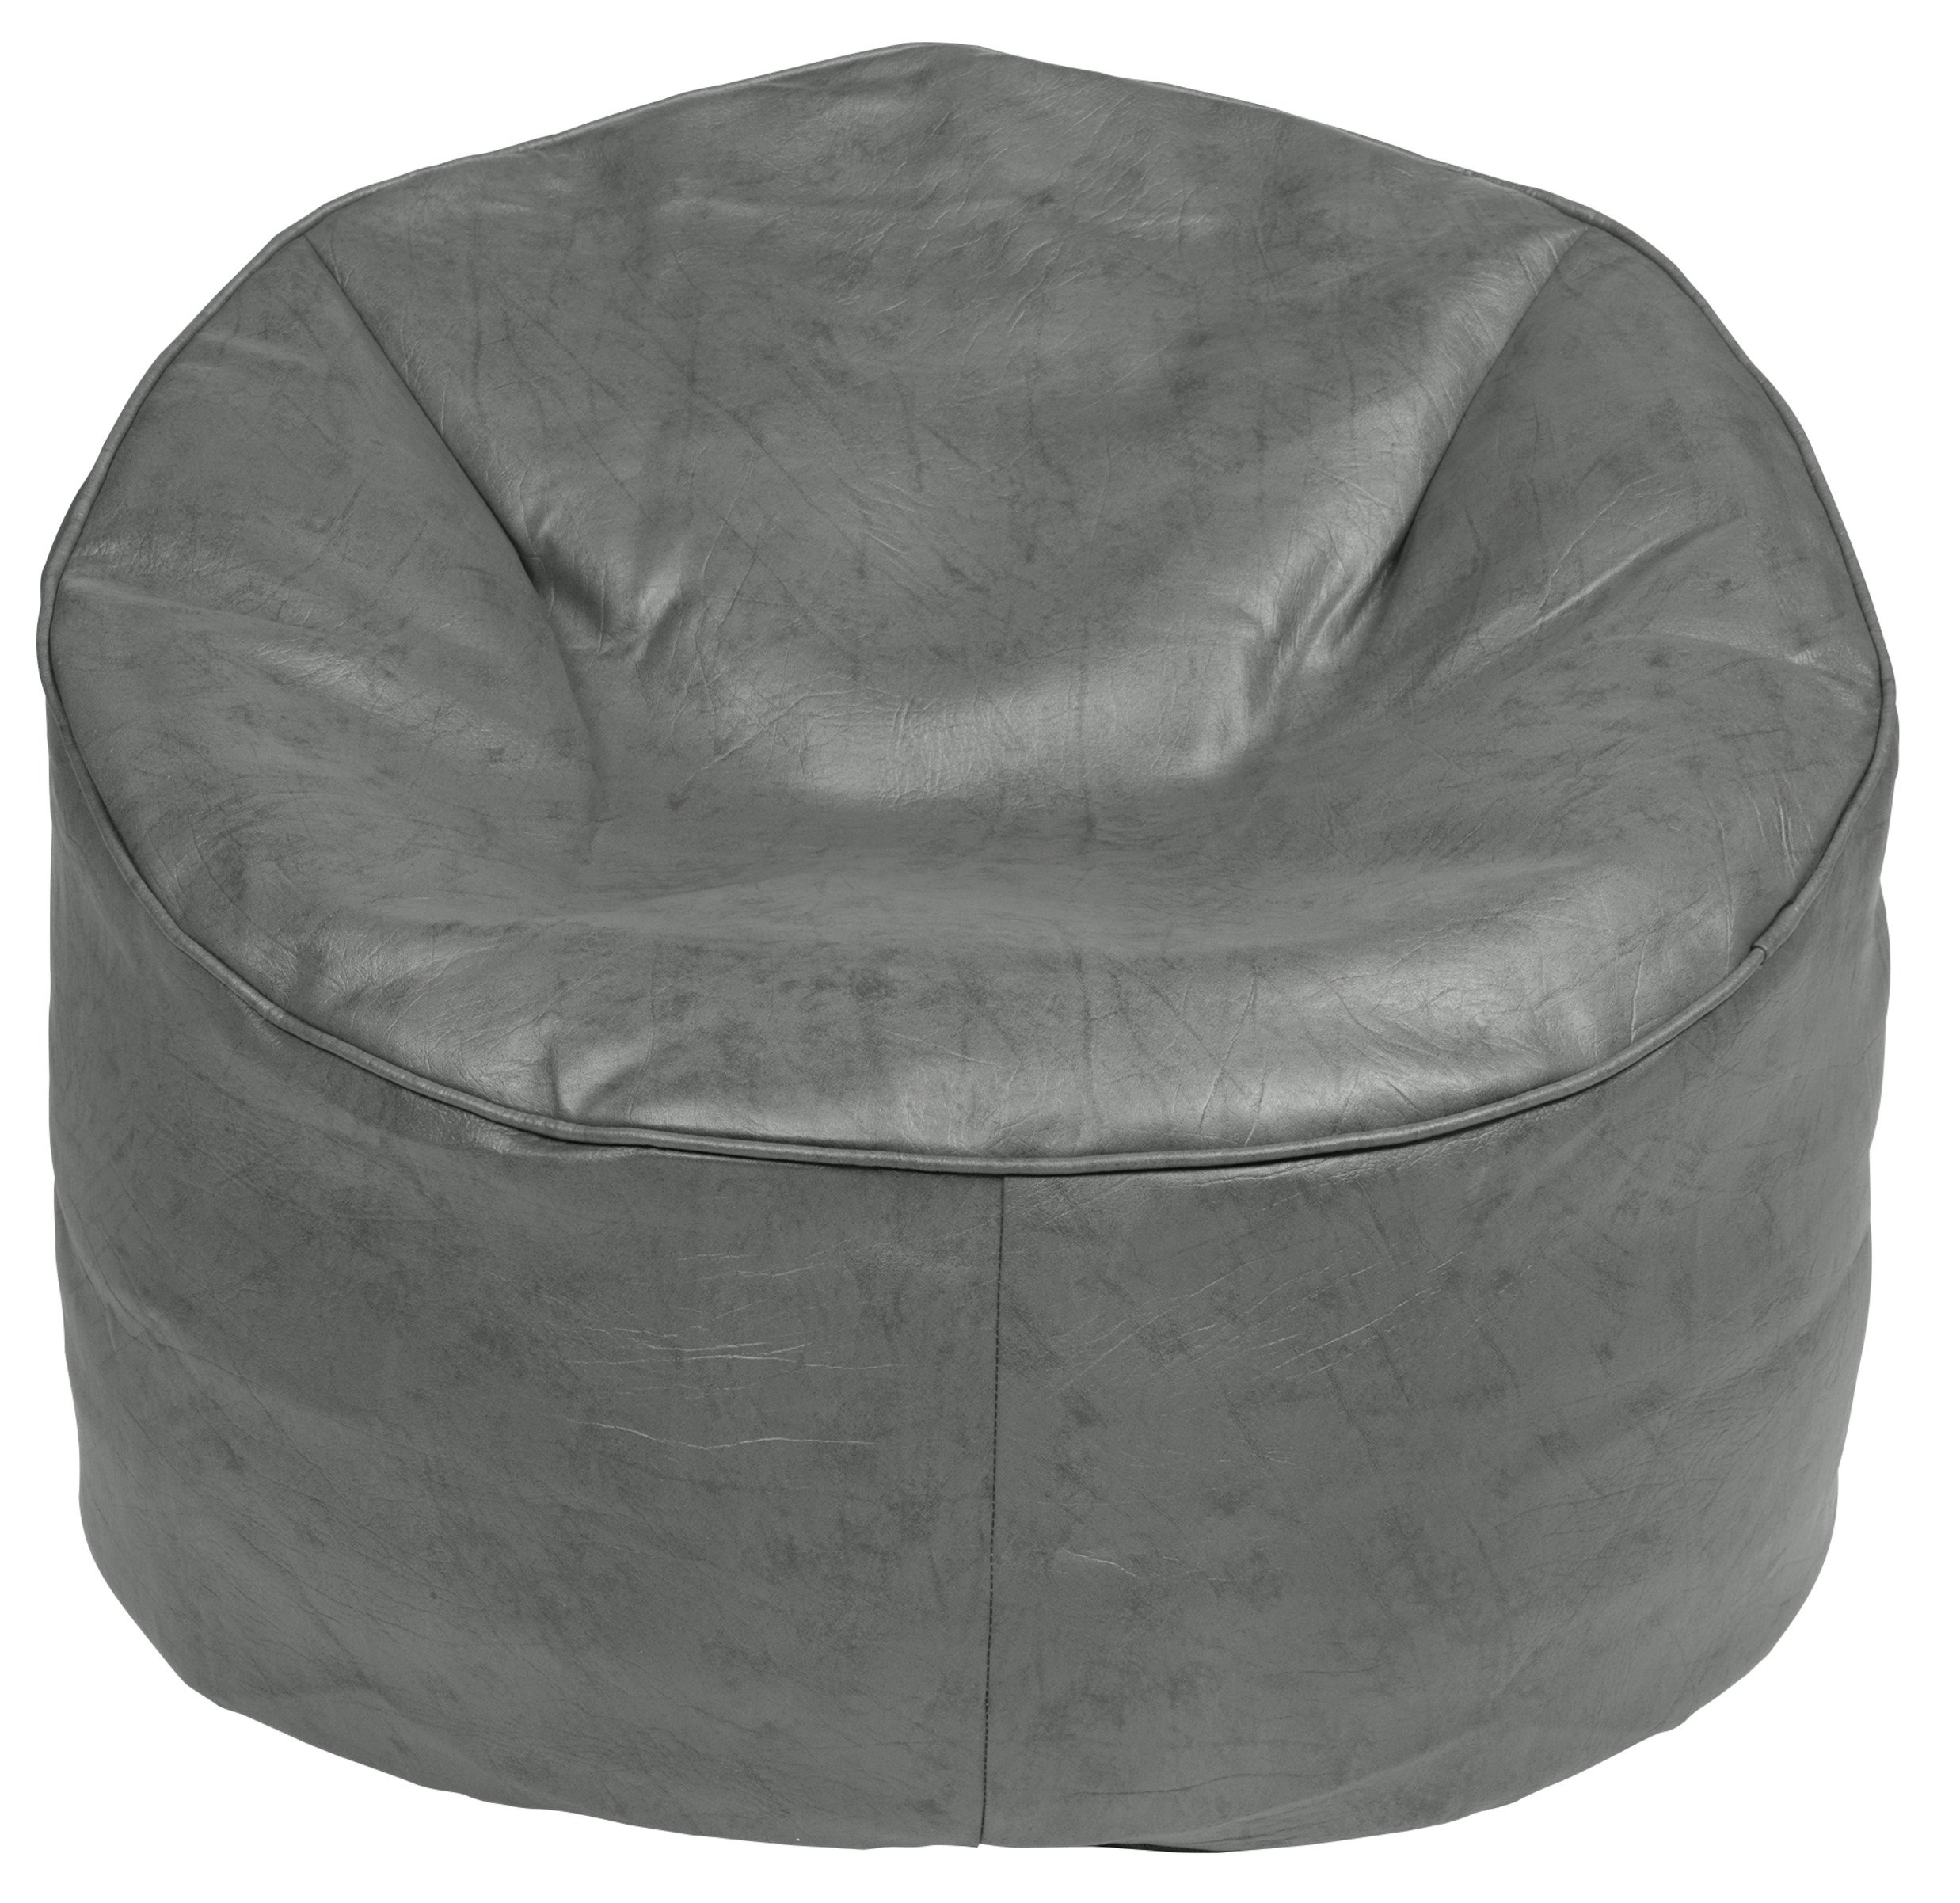 Argos Home Leather Effect Bean Bag Chair